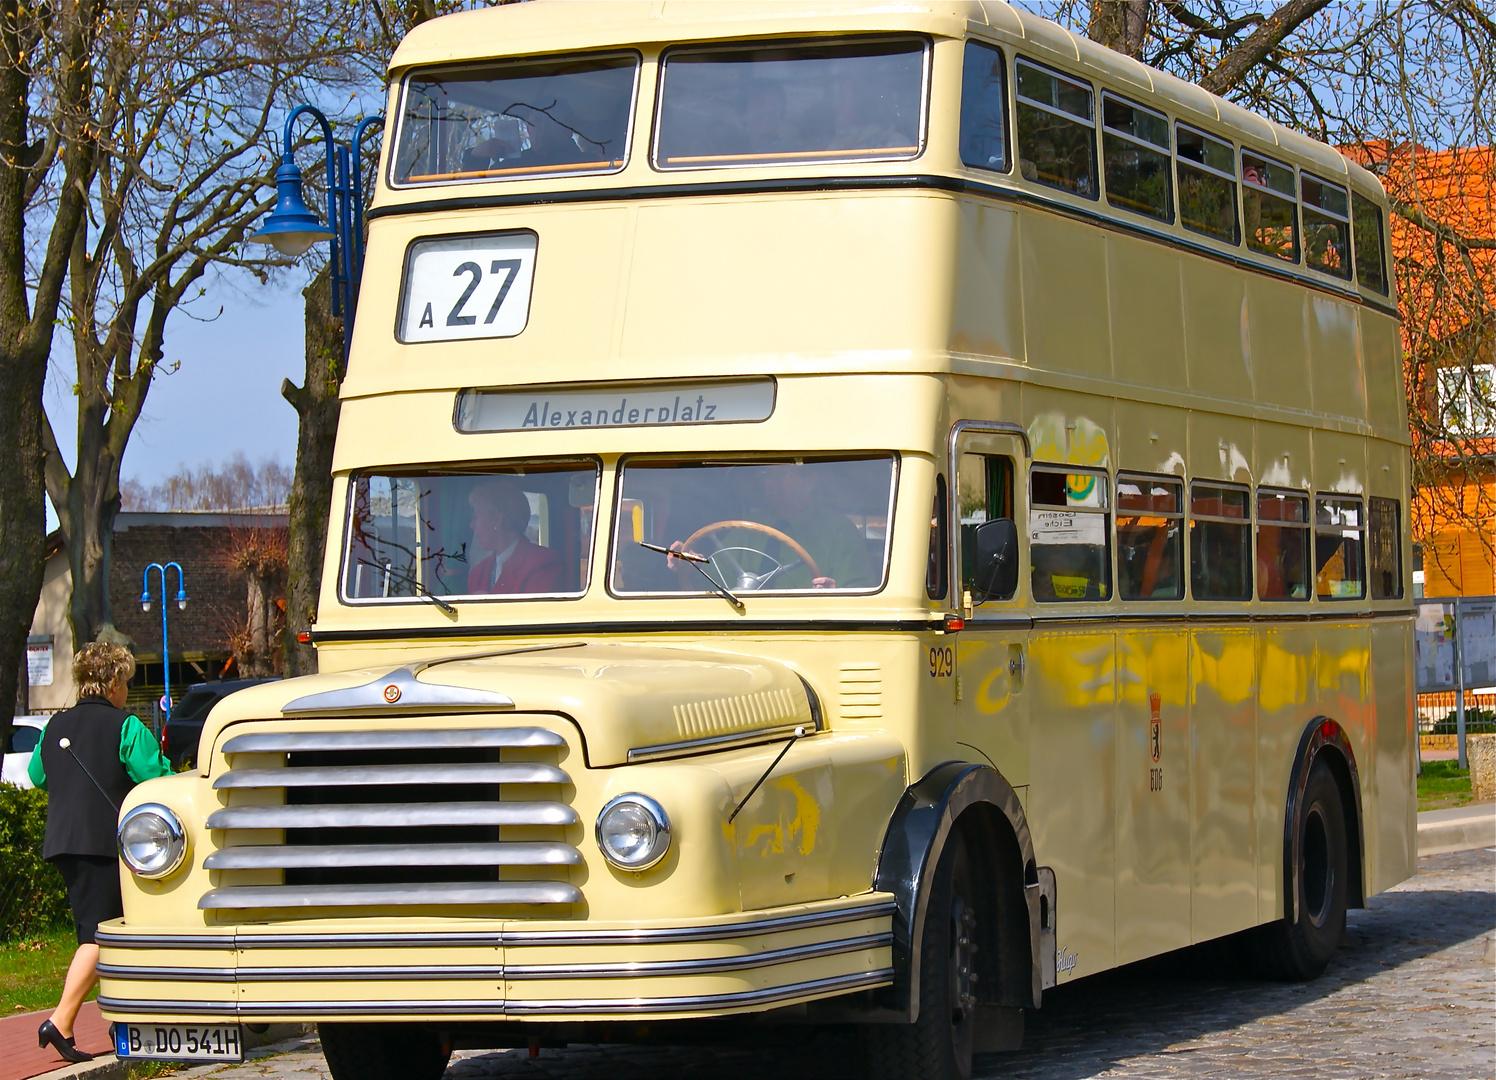 Do54 aus 1959 in Gosen b. Berlin auf den Spuren der alten LinieA27